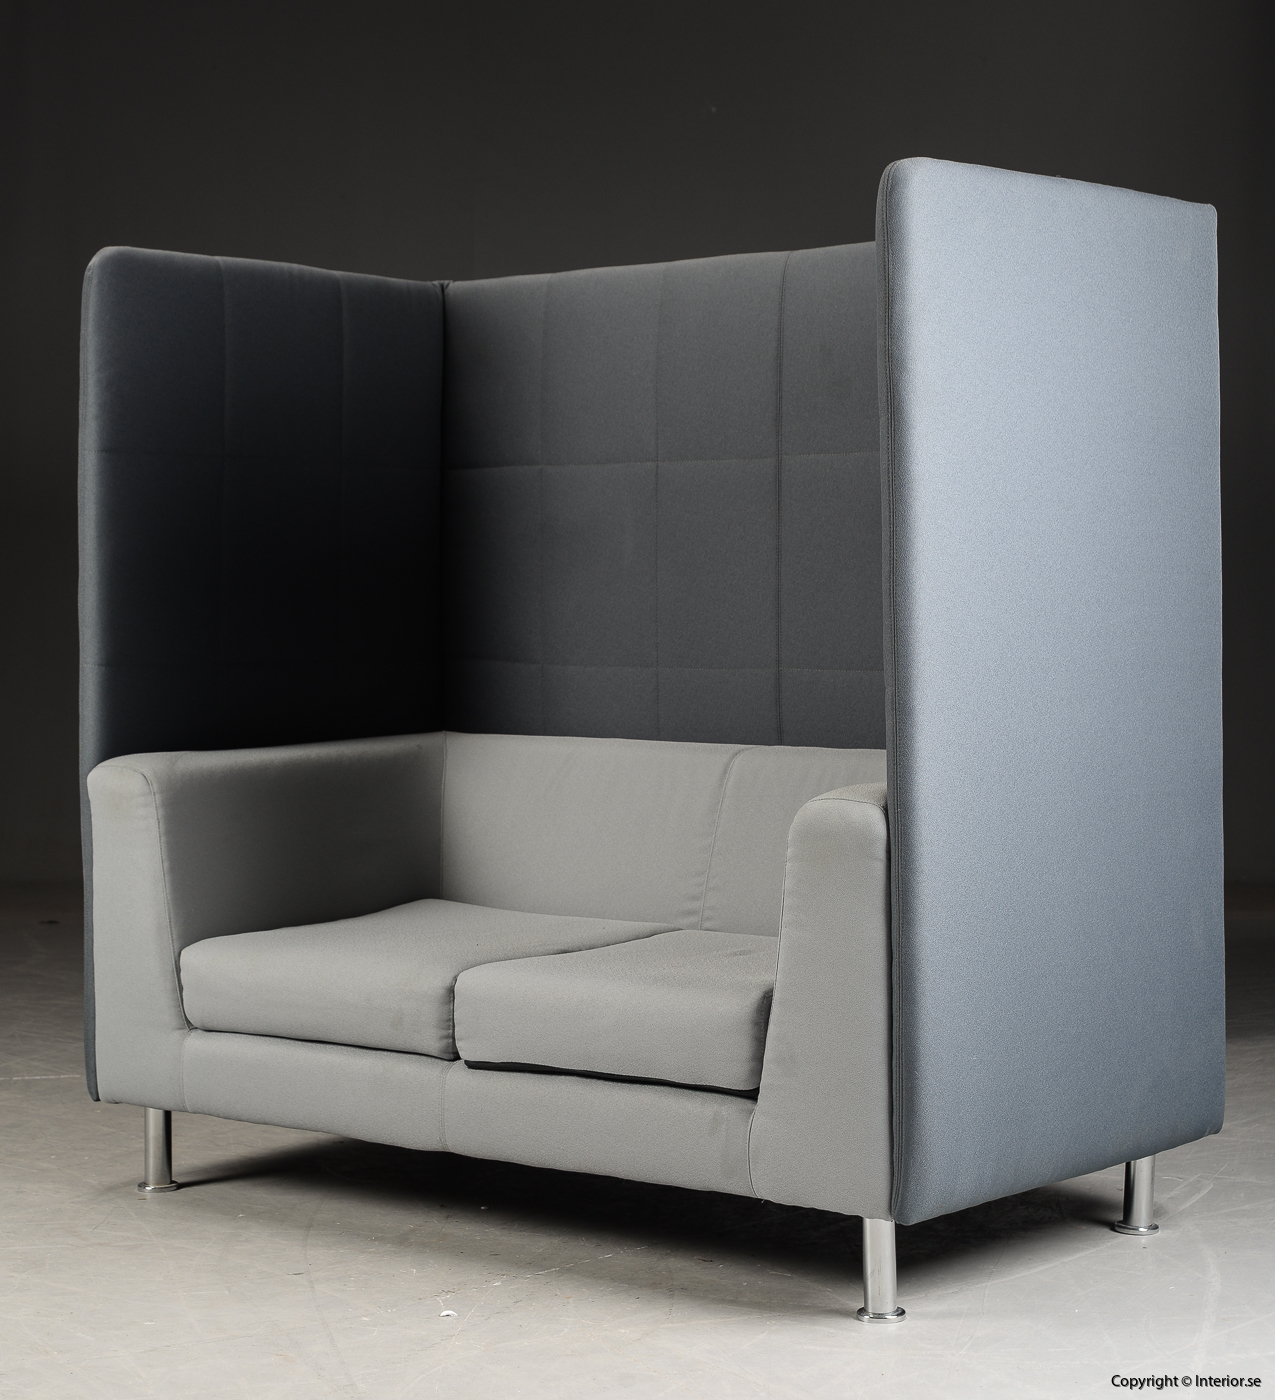 Soffa med högt ryggstöd, Holmris Free Air 2 High Straight modern design 2